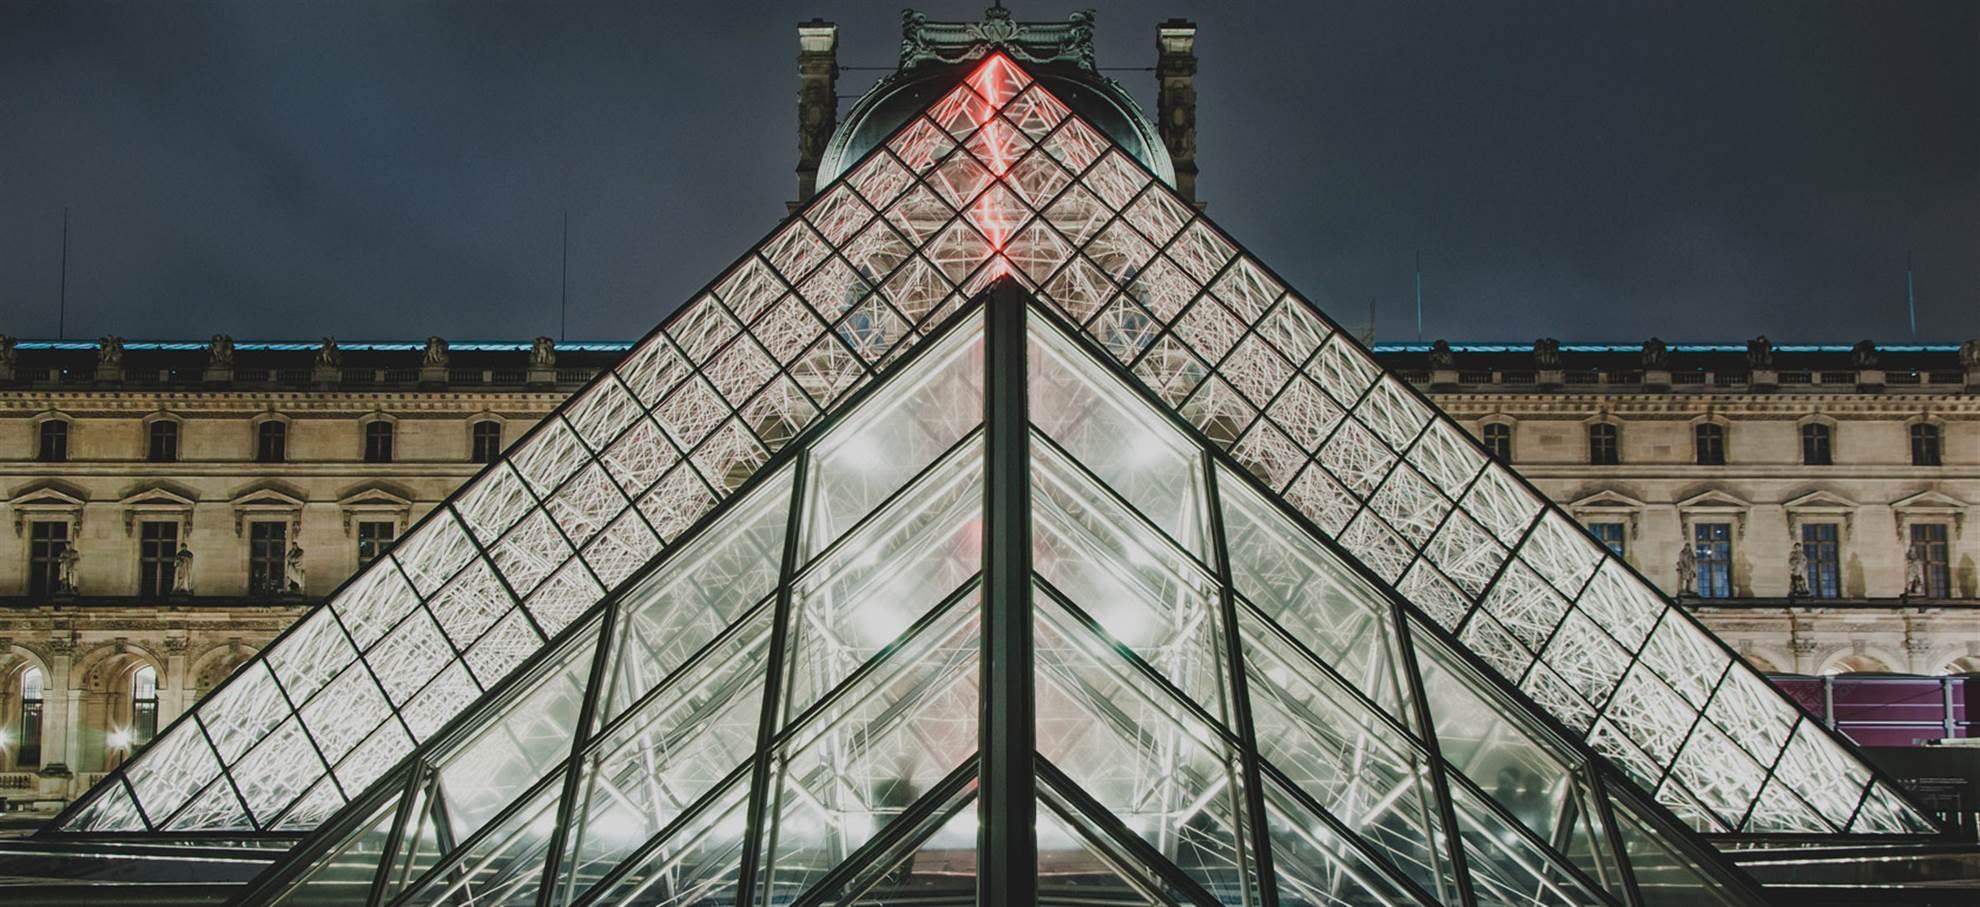 Visite guidée du Louvre - Évitez l'attente